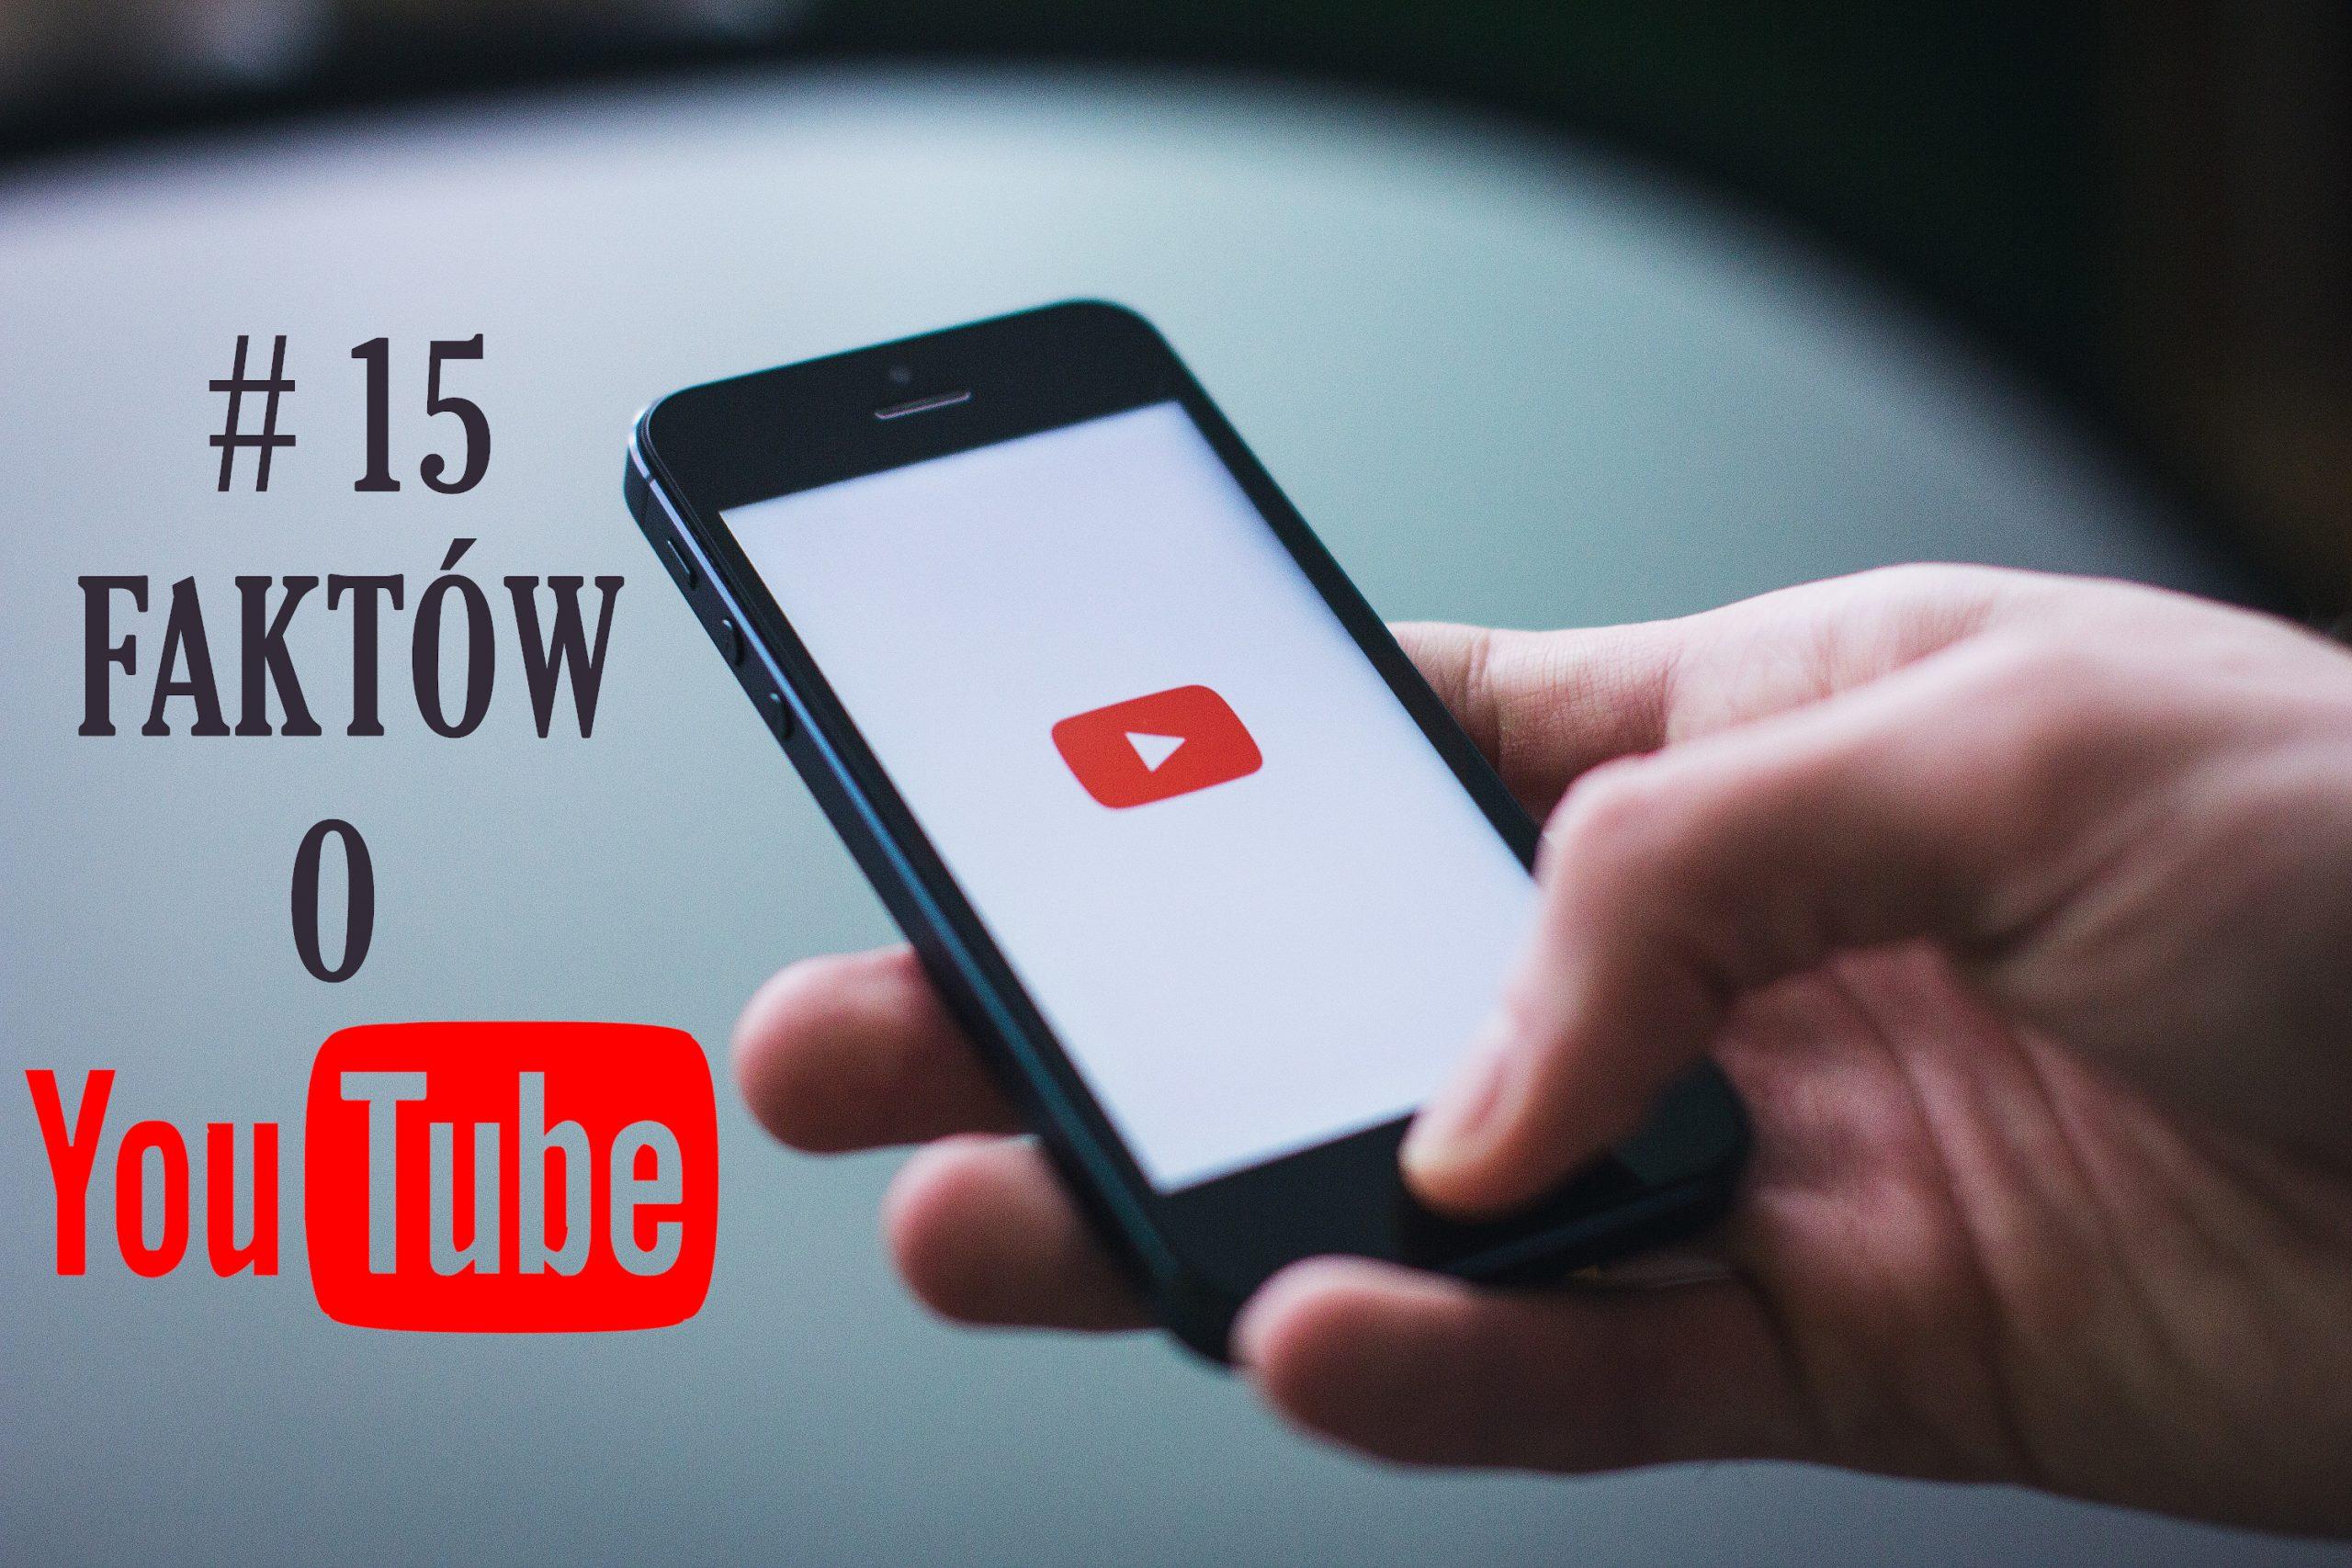 dłoń trzymająca telefon na ekranie ikona youtube obok napis # 15 faktów o youtube